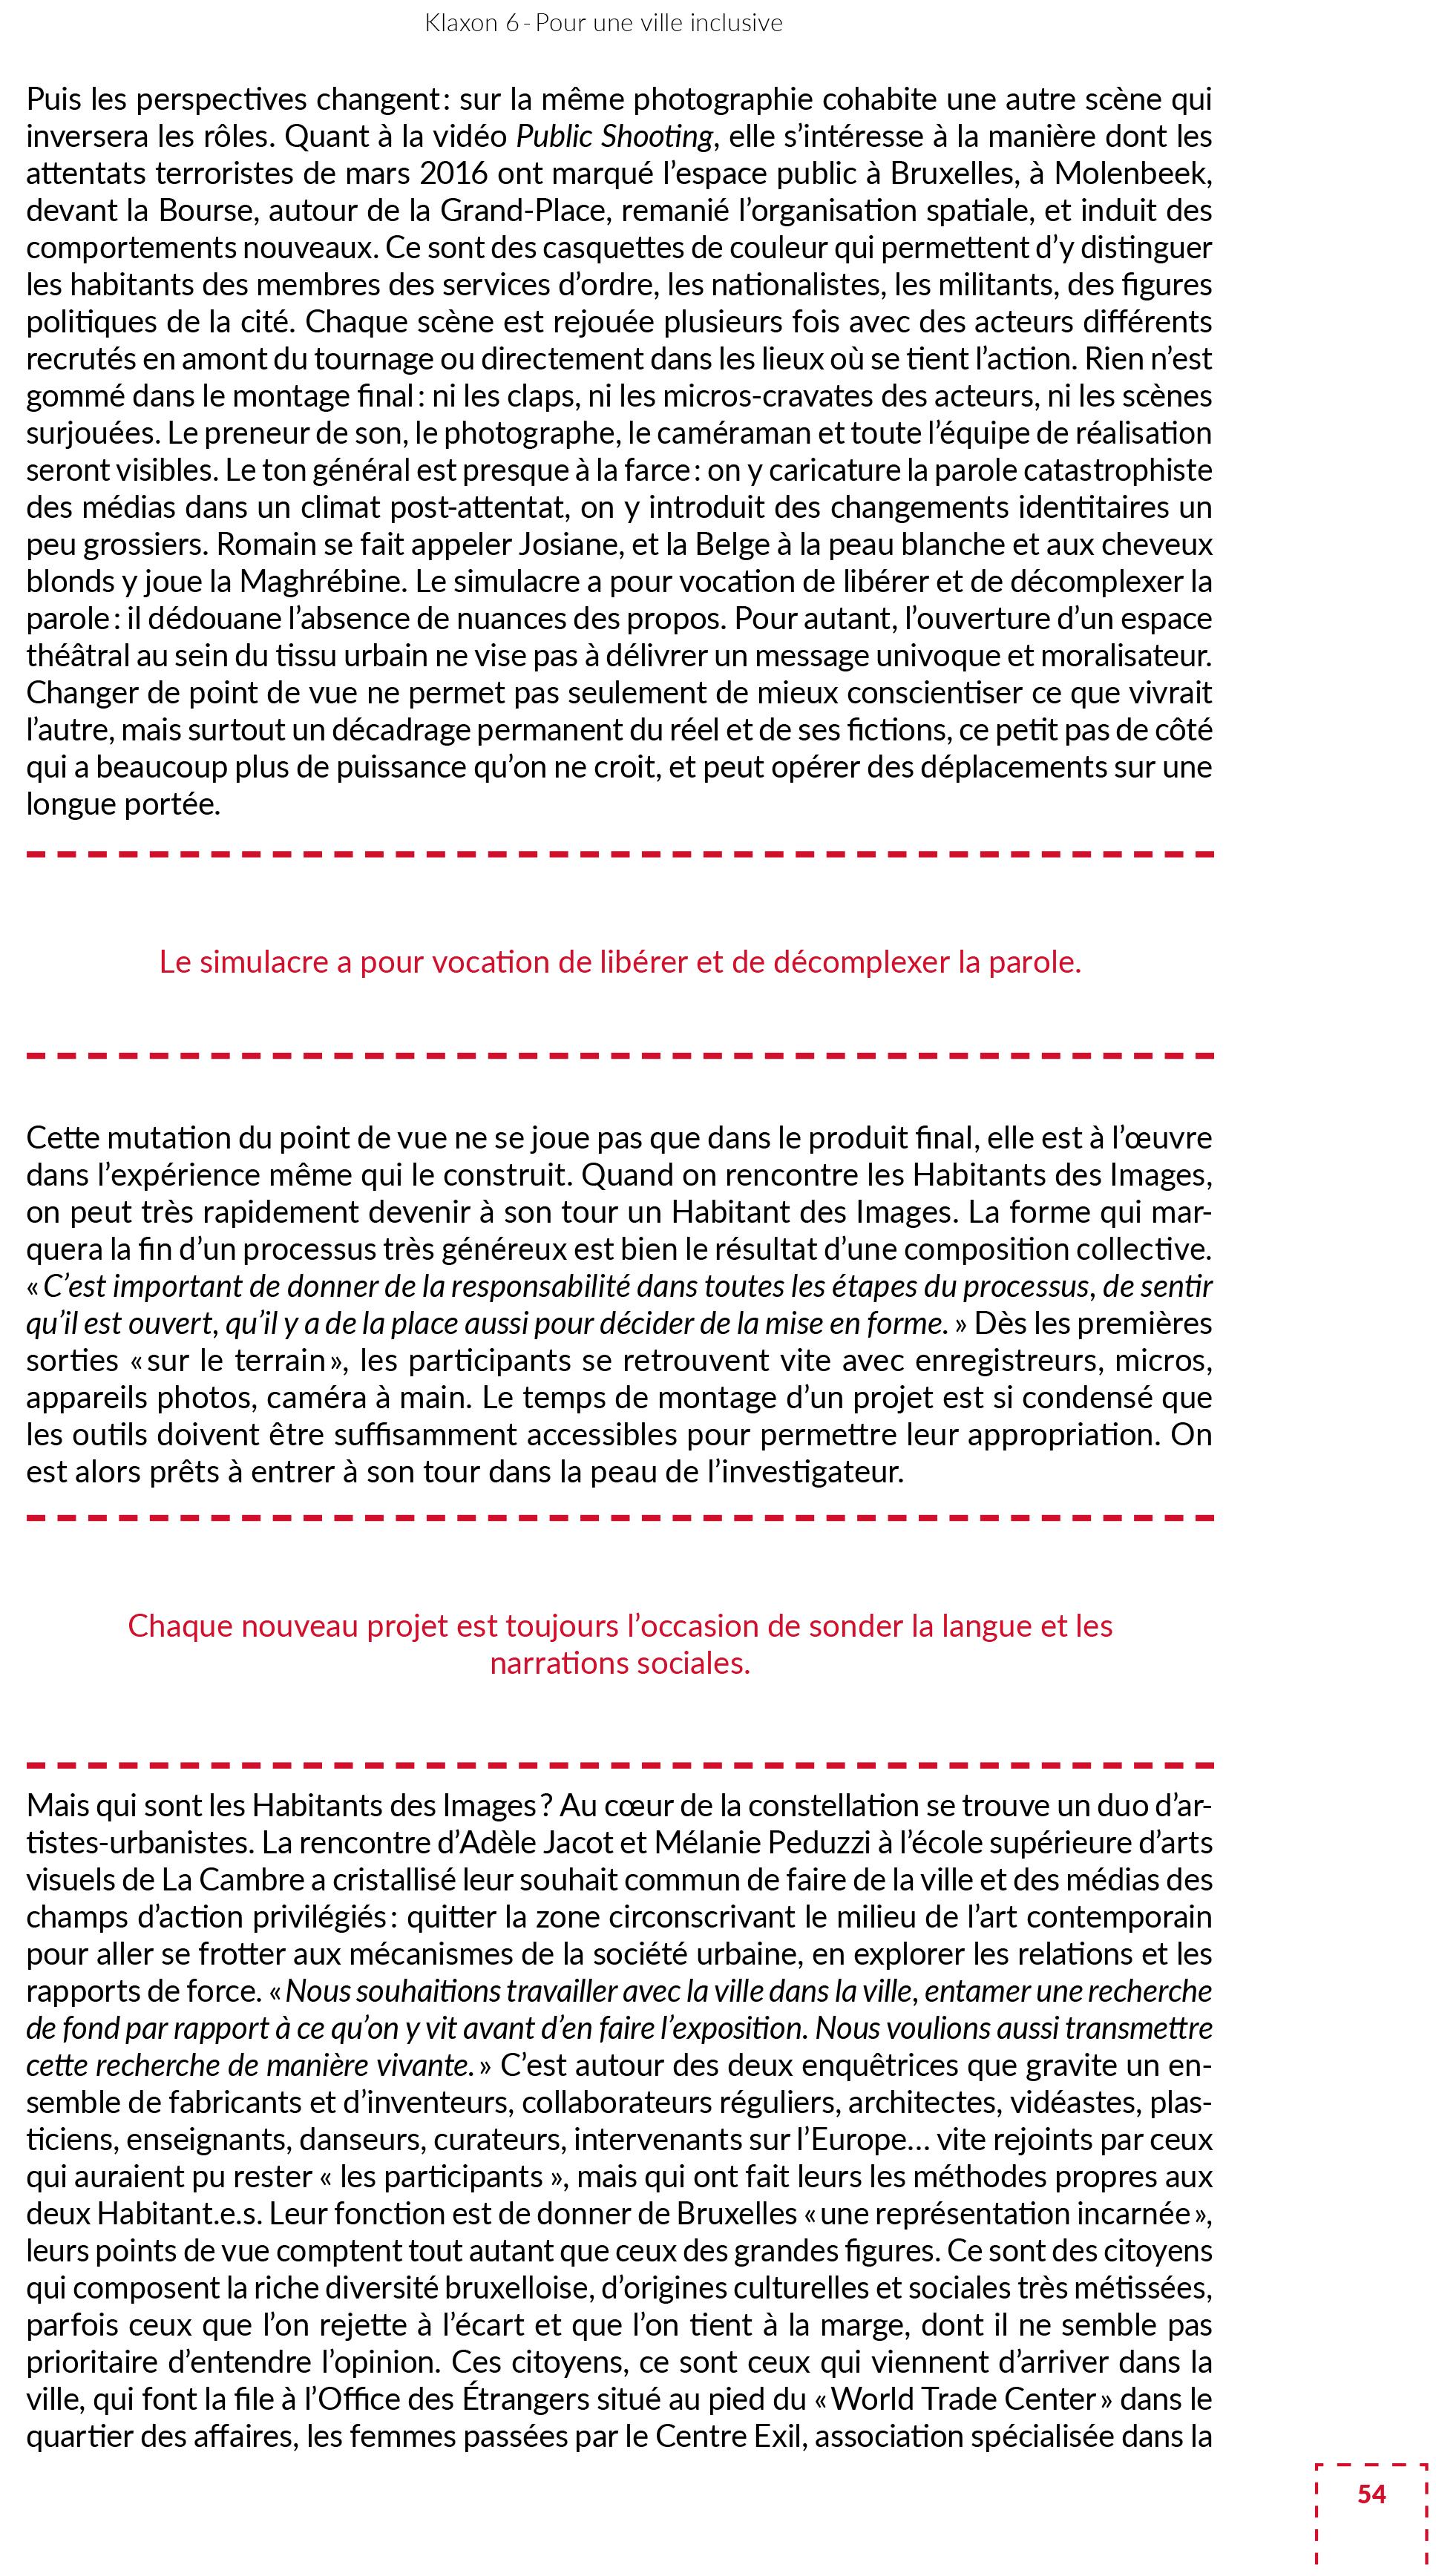 pourunevilleinclusive-pdf_0 (glissé(e)s) 1